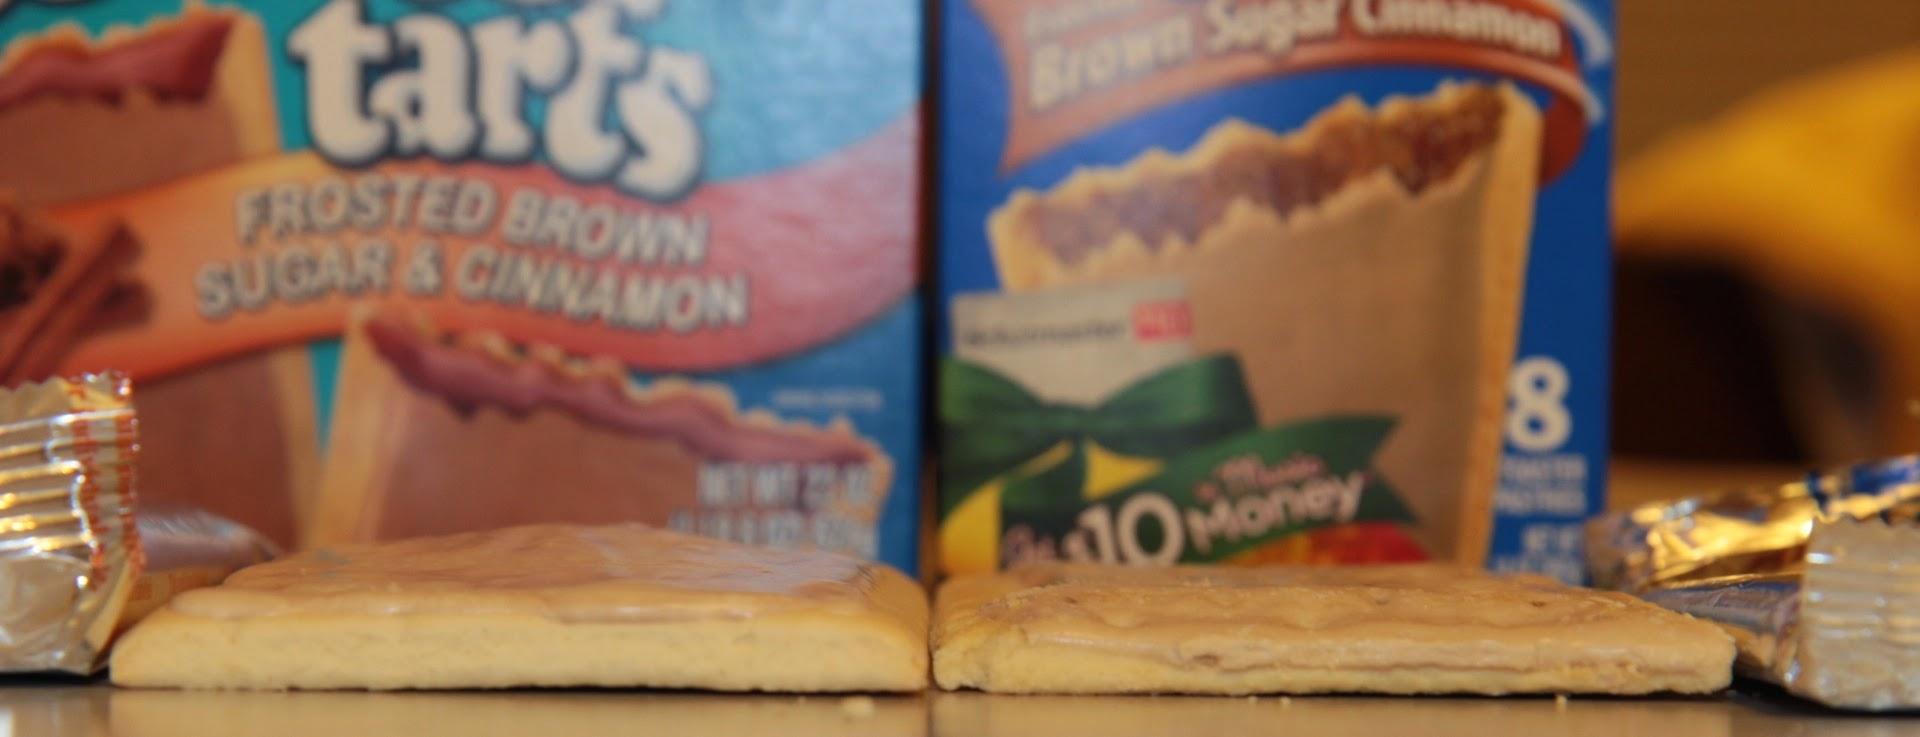 Aldi Millville Toaster Tarts vs. Kellogg's Pop Tarts Thickness